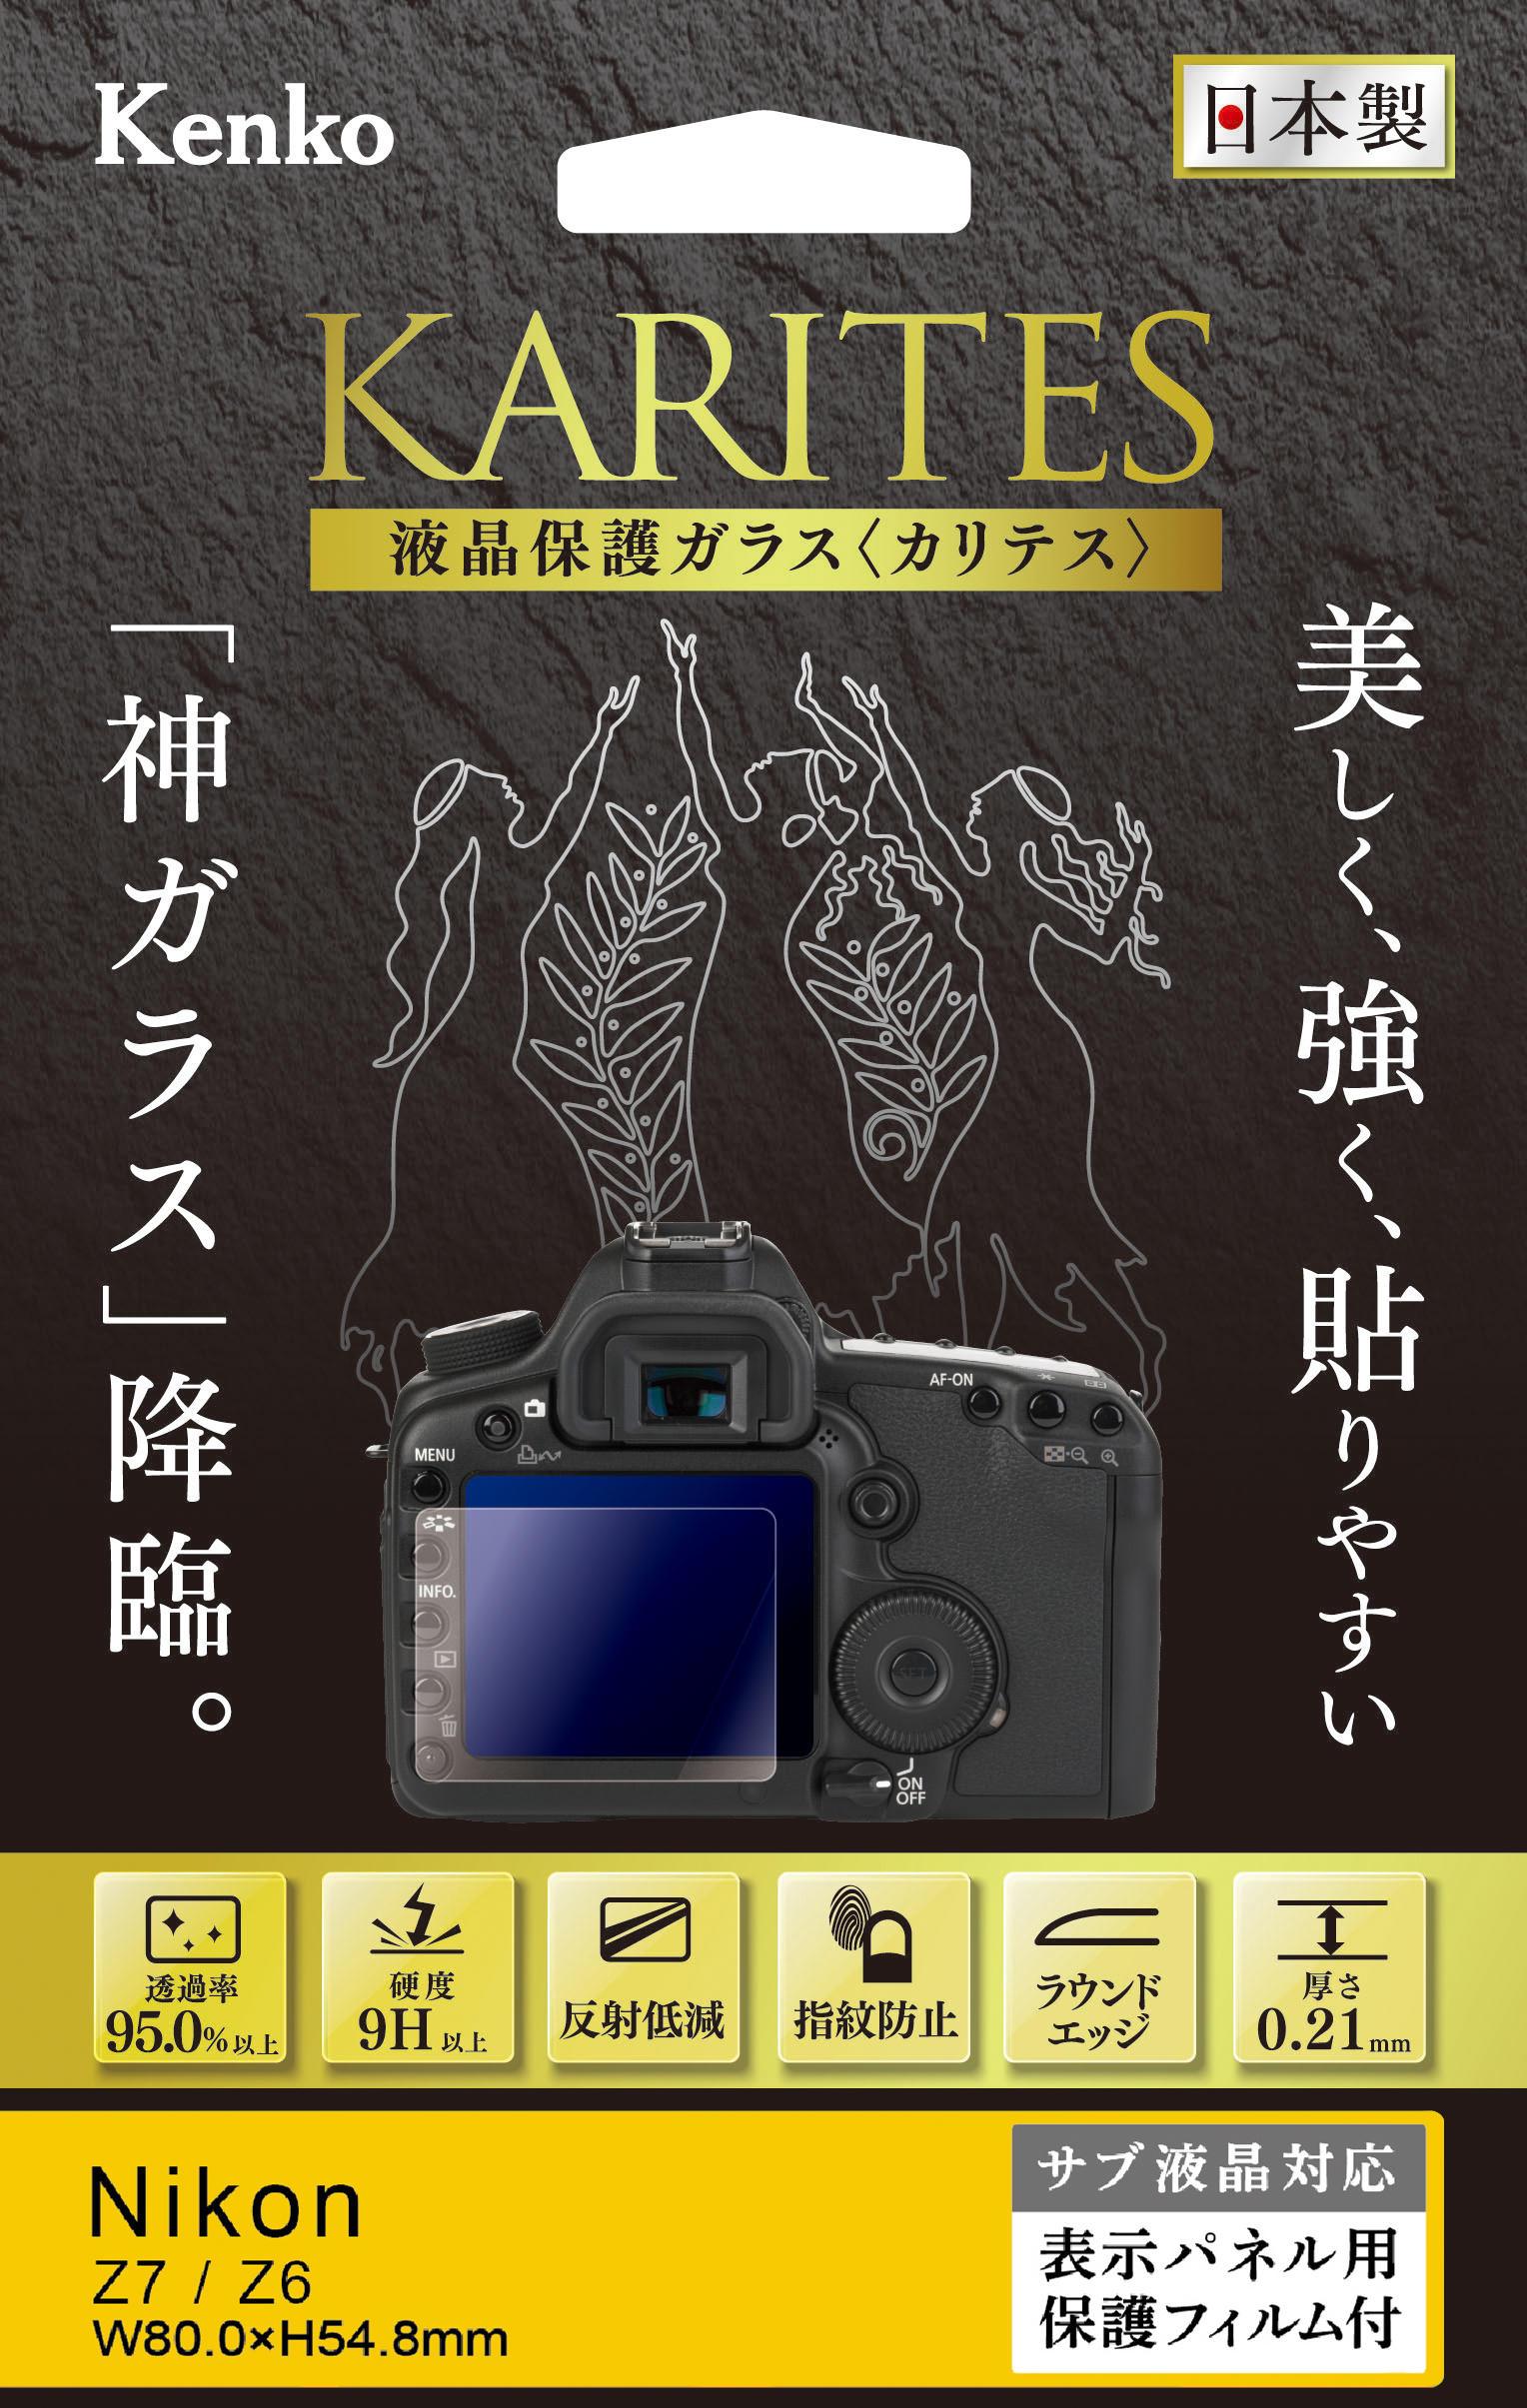 https://www.kenko-tokina.co.jp/imaging/eq/mt-images/4961607724828.jpg